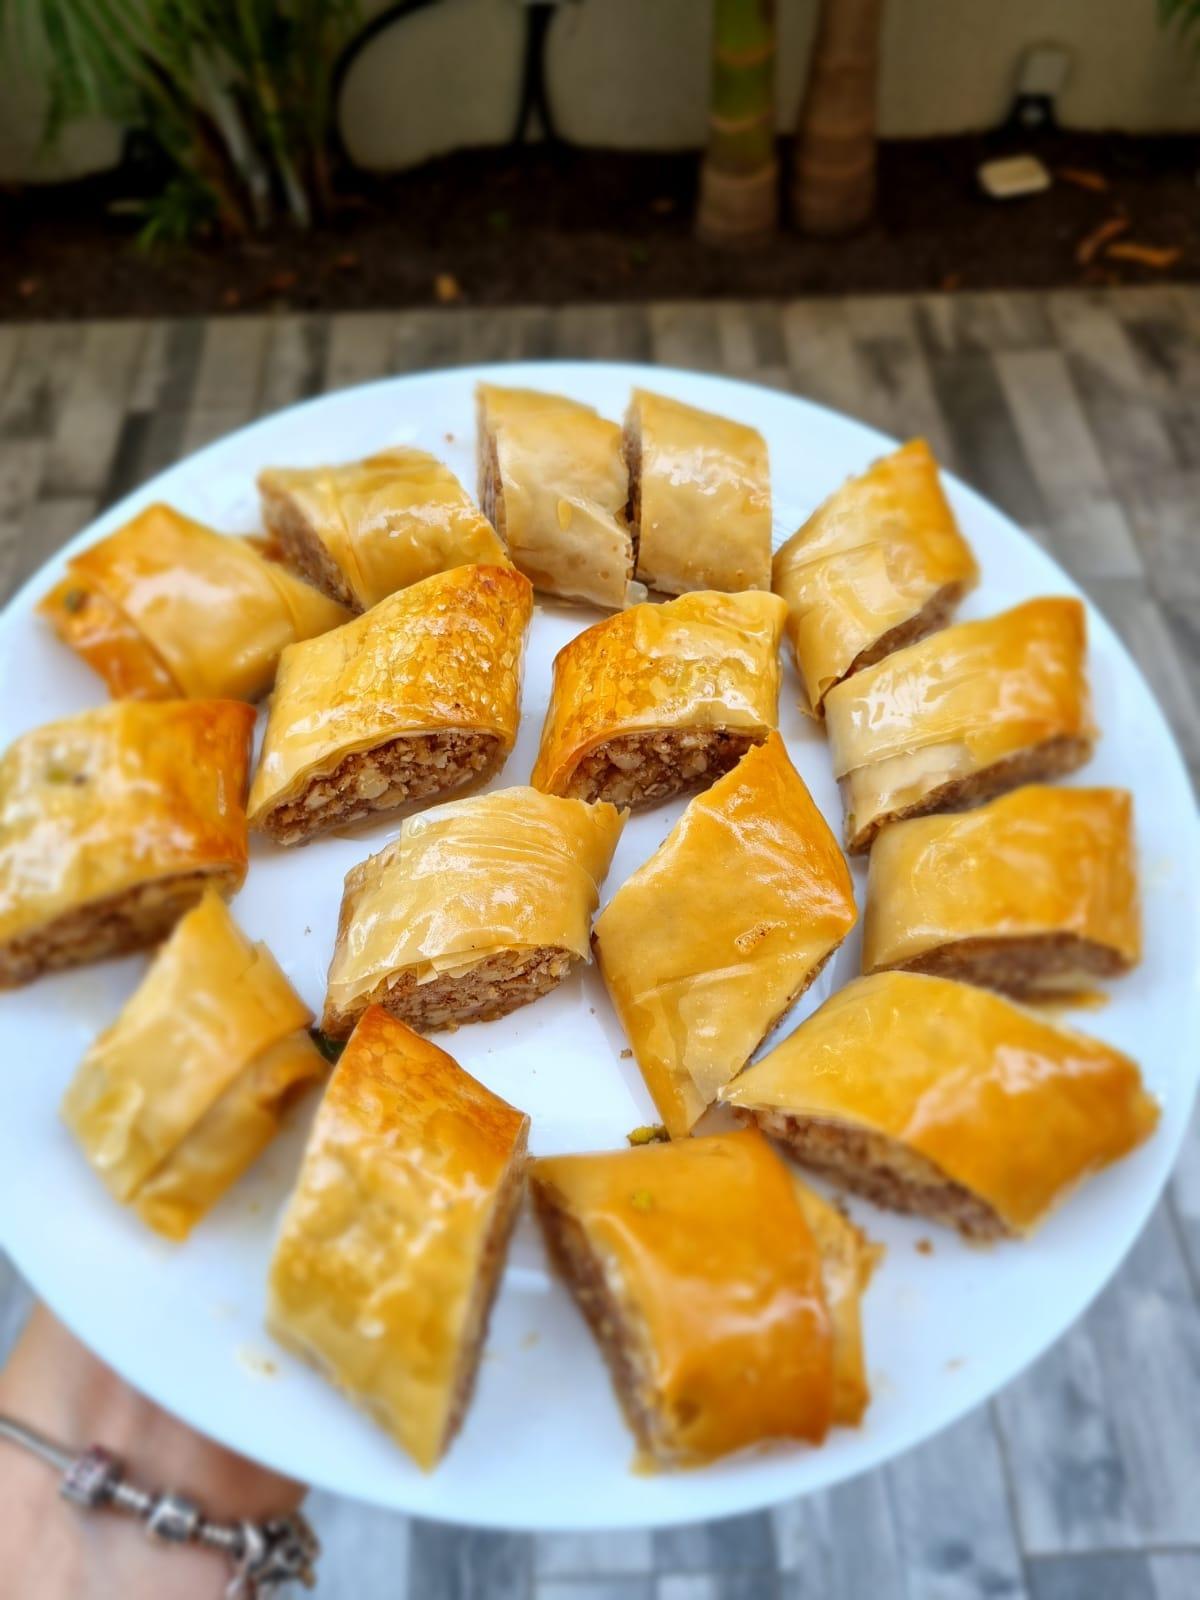 בצק פילו ממולא עם שקדים ואגוזים_מתכון של אילנה בוכריס – מאסטר מתכונים